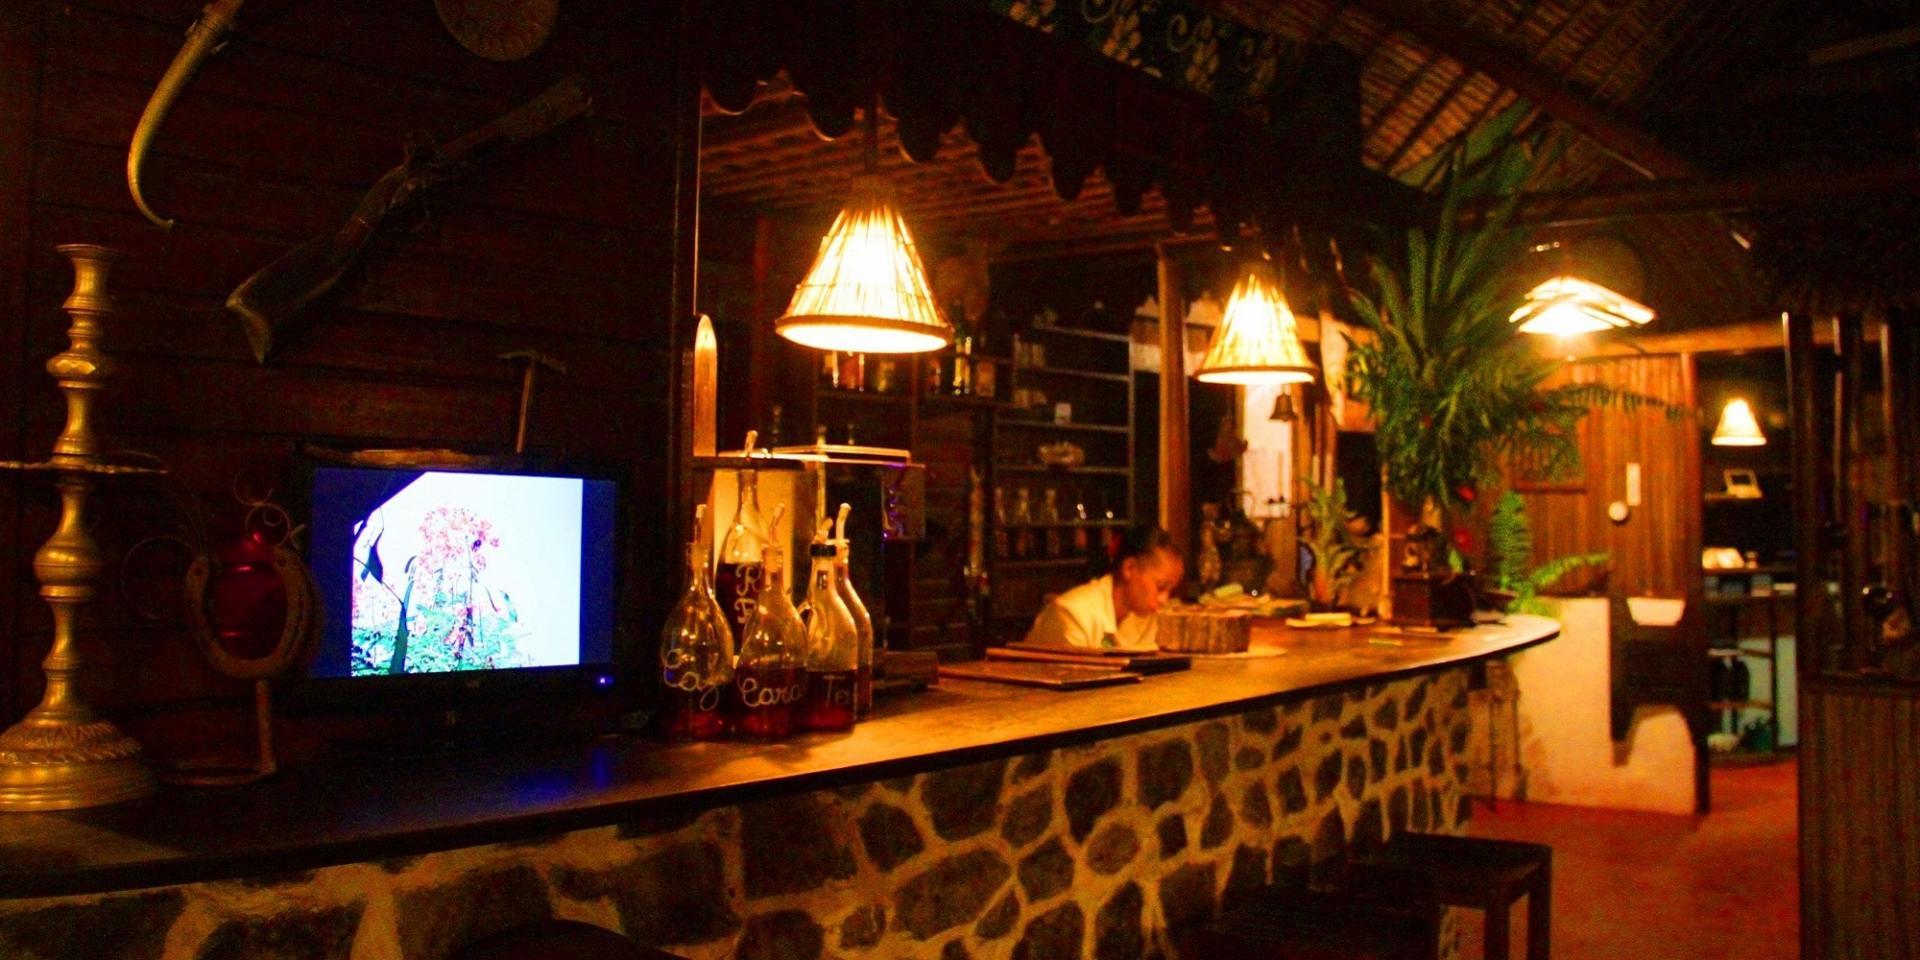 Lakana hotel bar